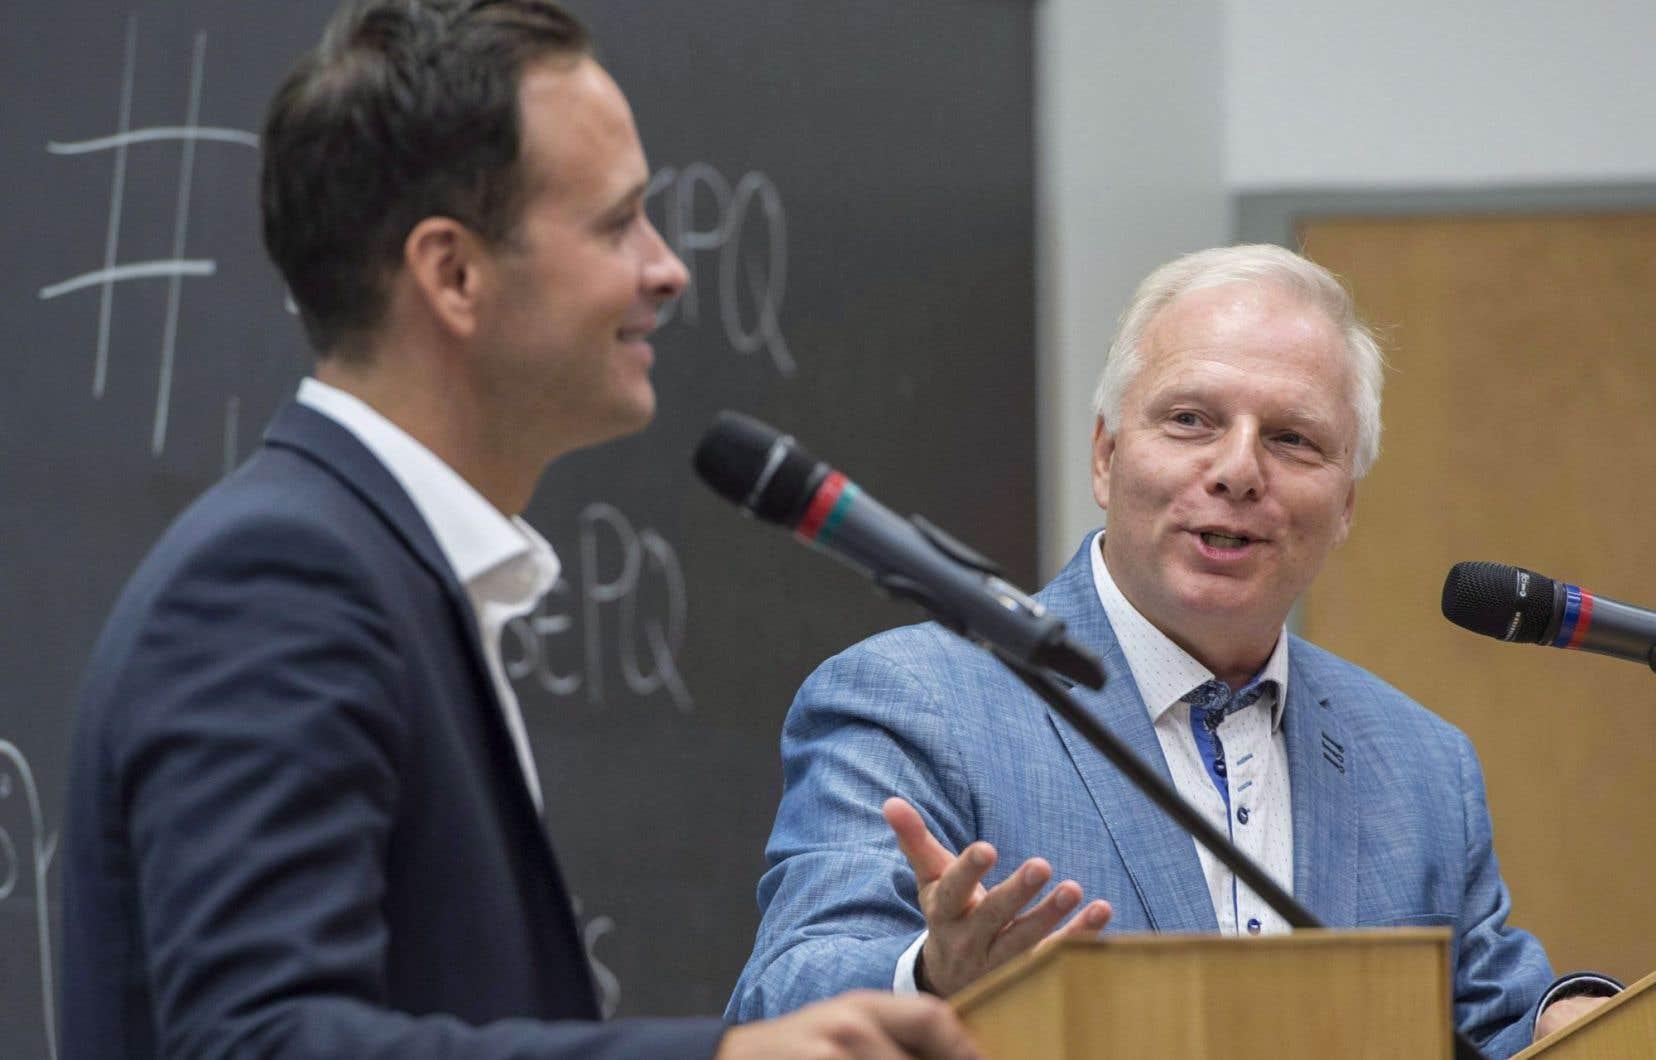 Lors d'un débat le 6 septembre, les candidats Alexandre Cloutier et Jean-François Lisée s'étaient également mutuellement interpellés sur de nombreuses questions.